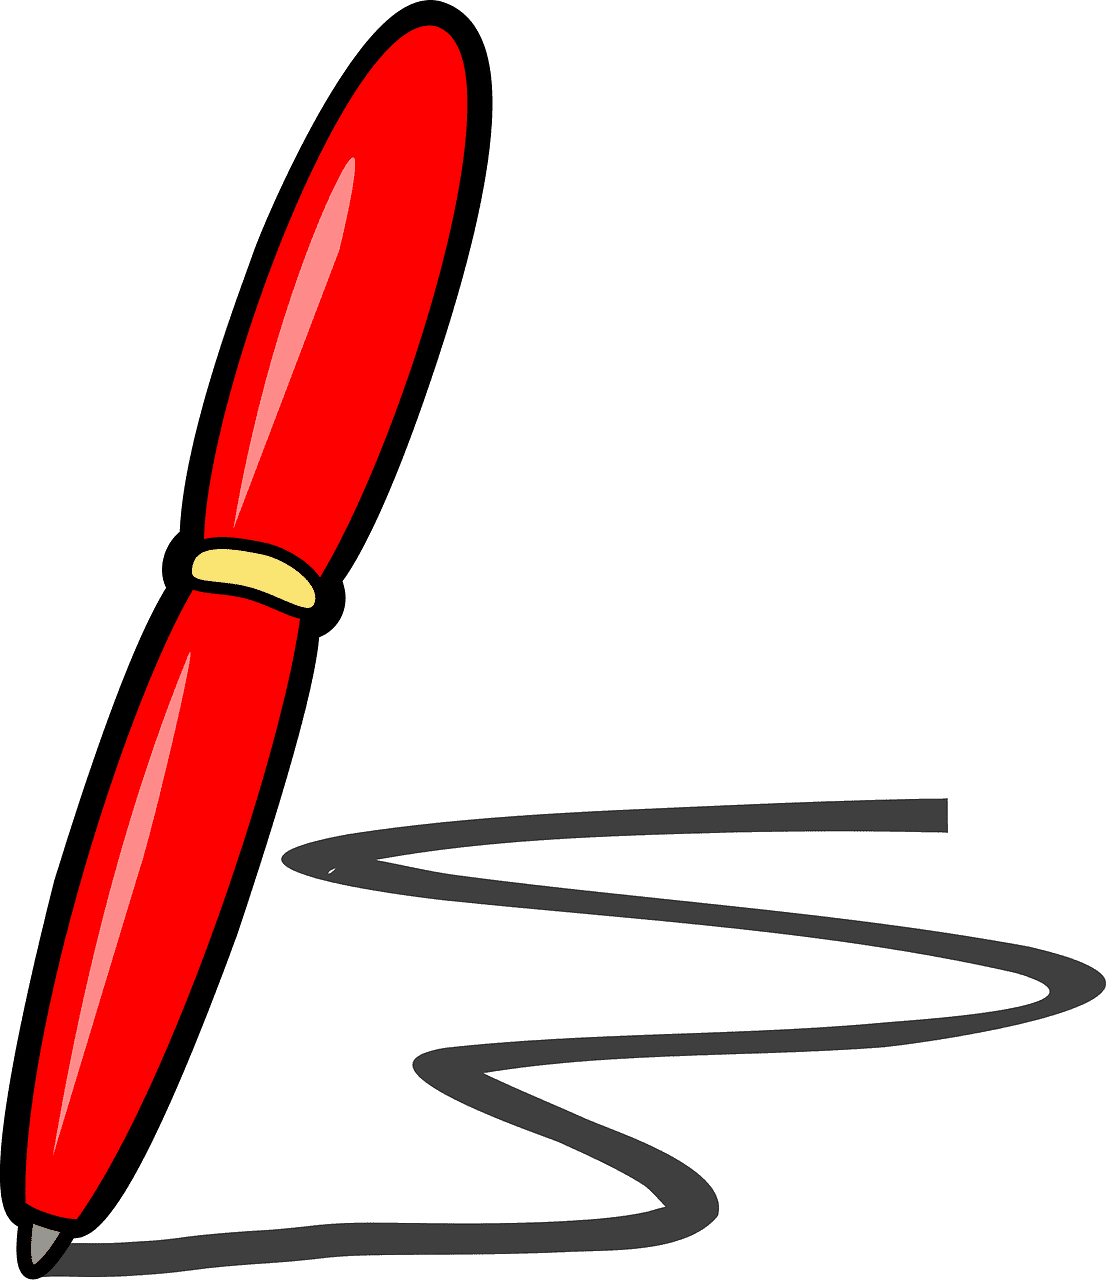 Pen clipart transparent 14